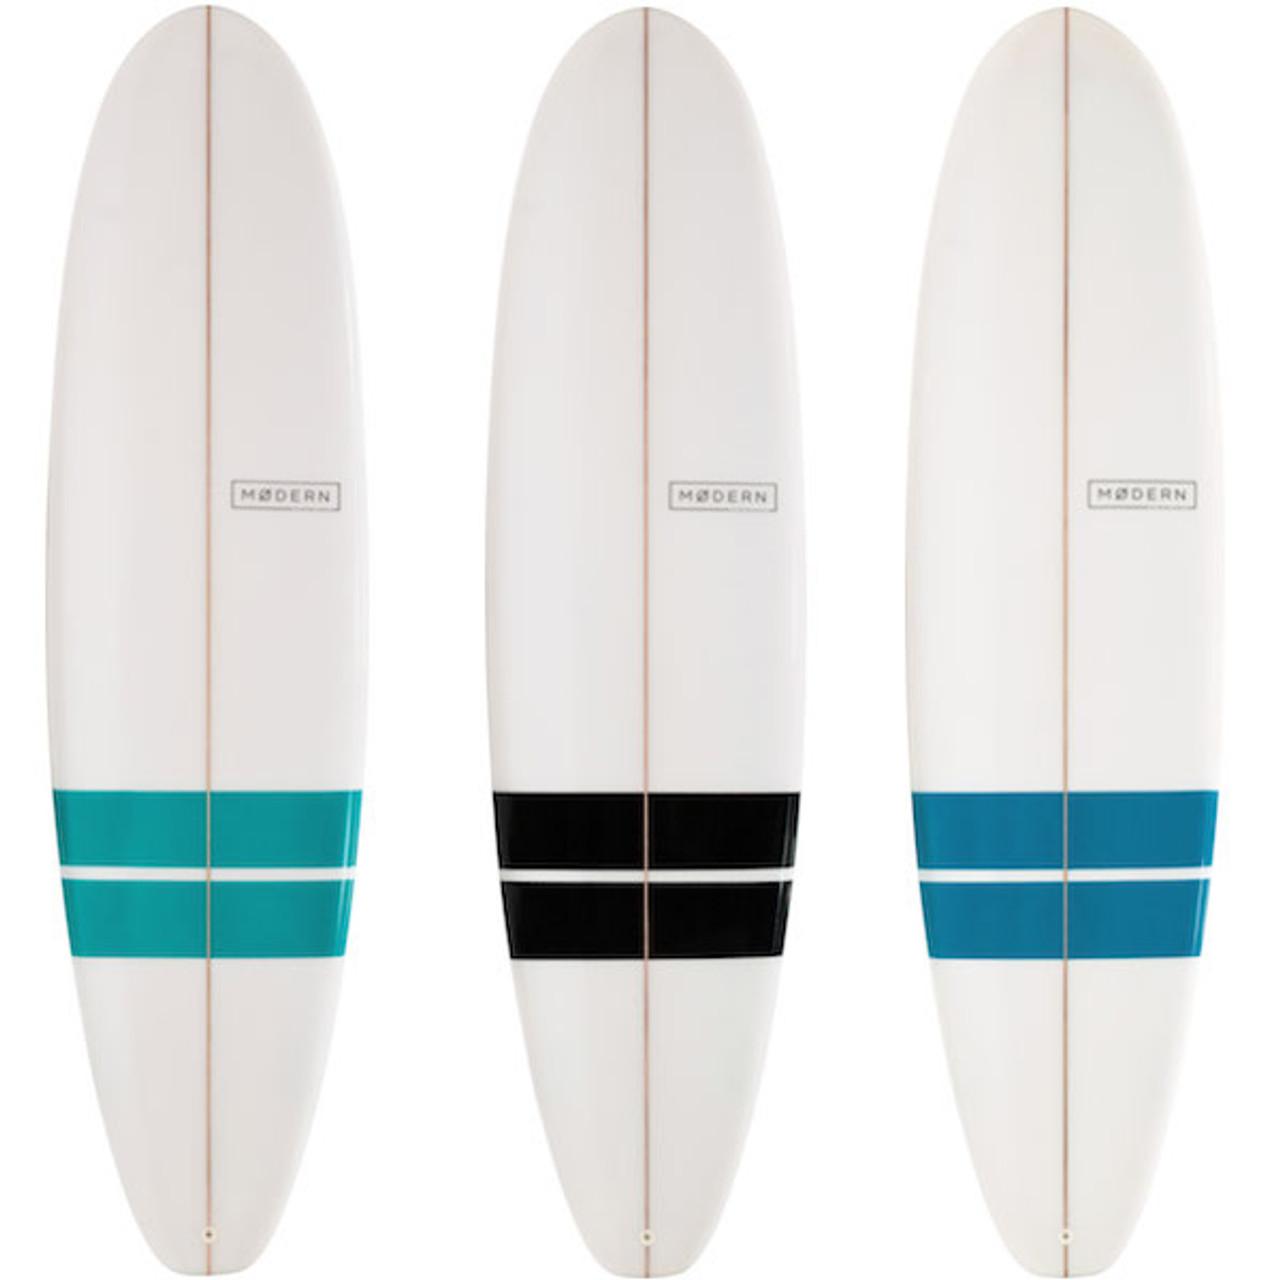 Blackbird Pu Modern Surfboards Surf Shops Australia